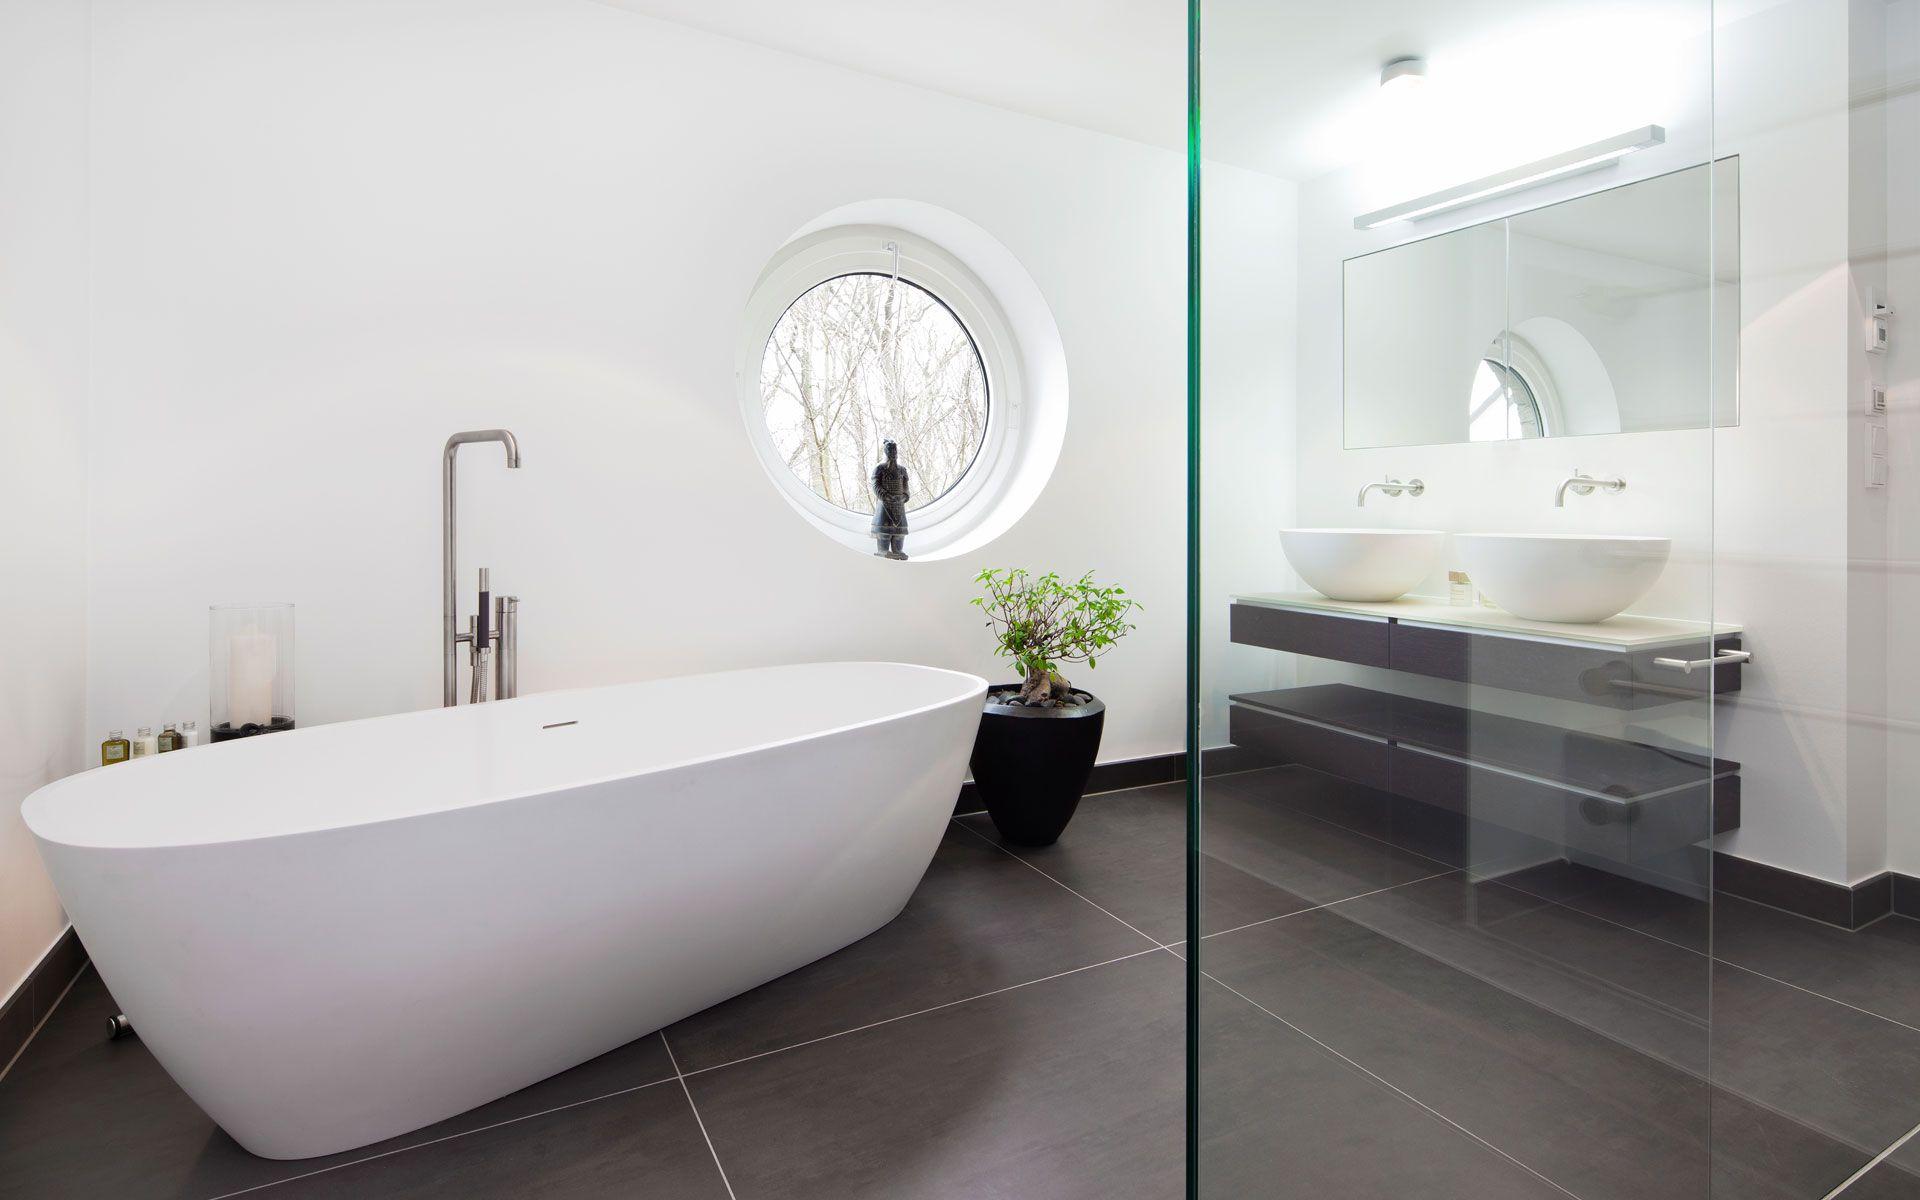 Puristisches Bad in grau und weiß  Badkamer, Interieur, Bad